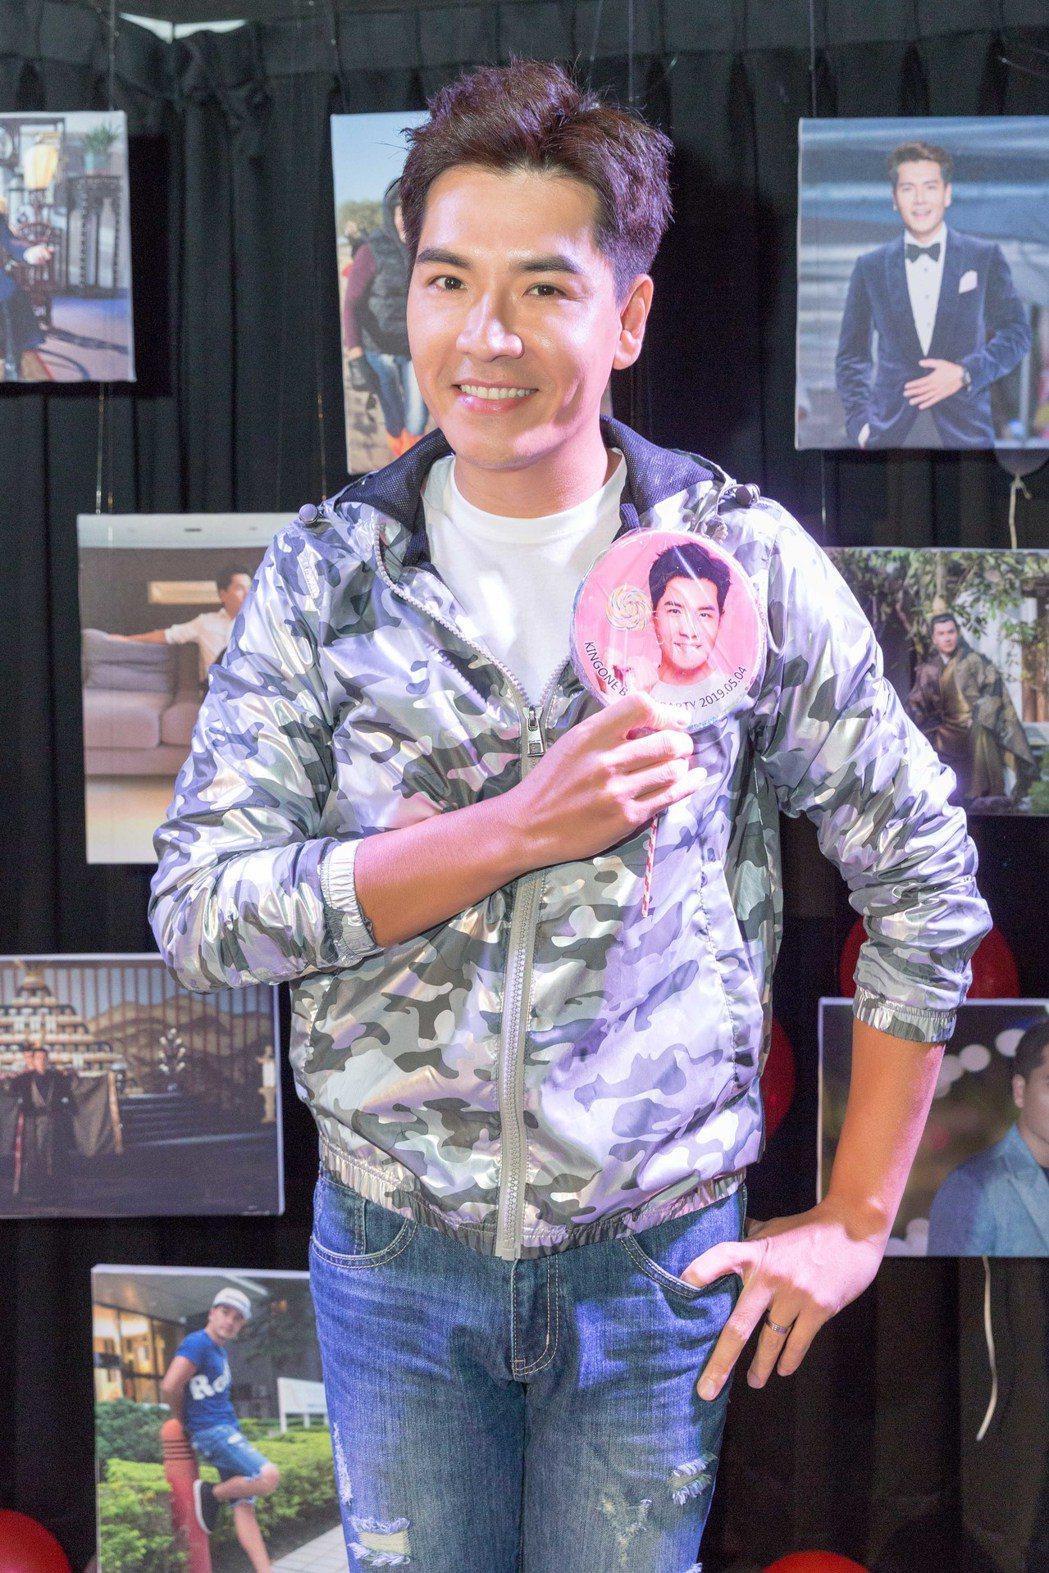 王傳一為見粉絲,還積極瘦身5公斤,當爸的他恢復男神姿態。圖/嚞娛樂提供